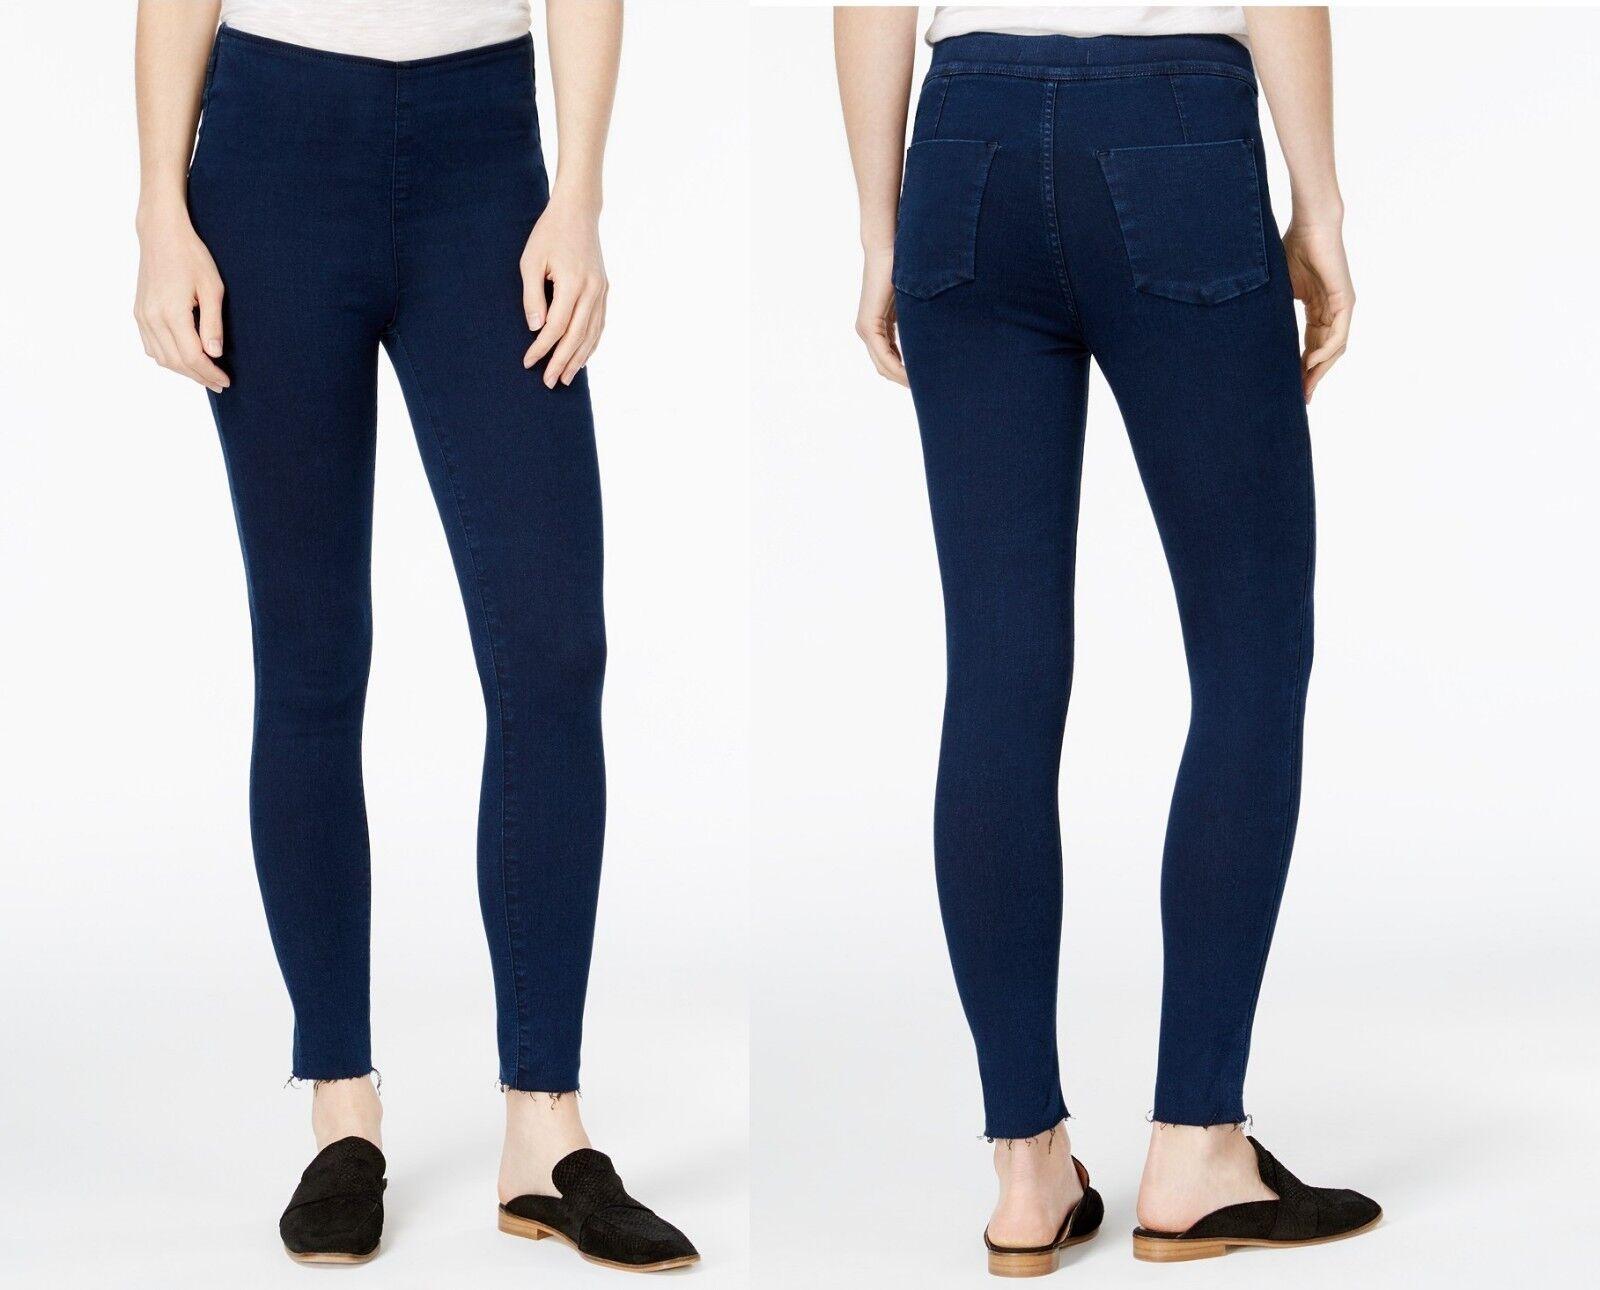 FREE PEOPLE Womens Easy Goes Jeggings Skinny Jeans High Waist Legging Dark bluee